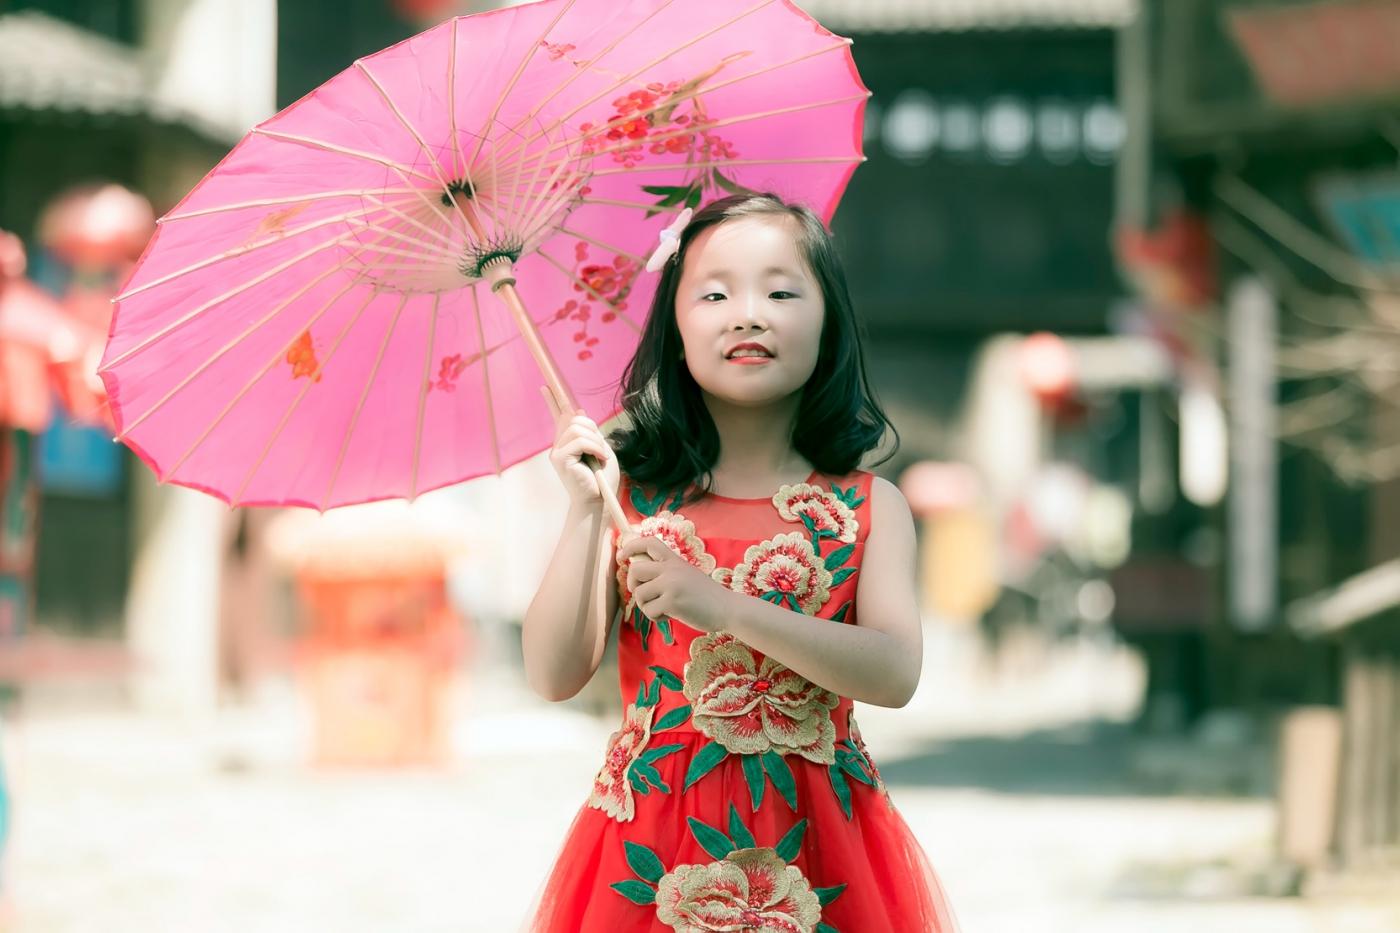 沂蒙娃娃穿上礼服走上show台 有个女孩特别萌 礼仪就要从娃娃抓起 ..._图1-31